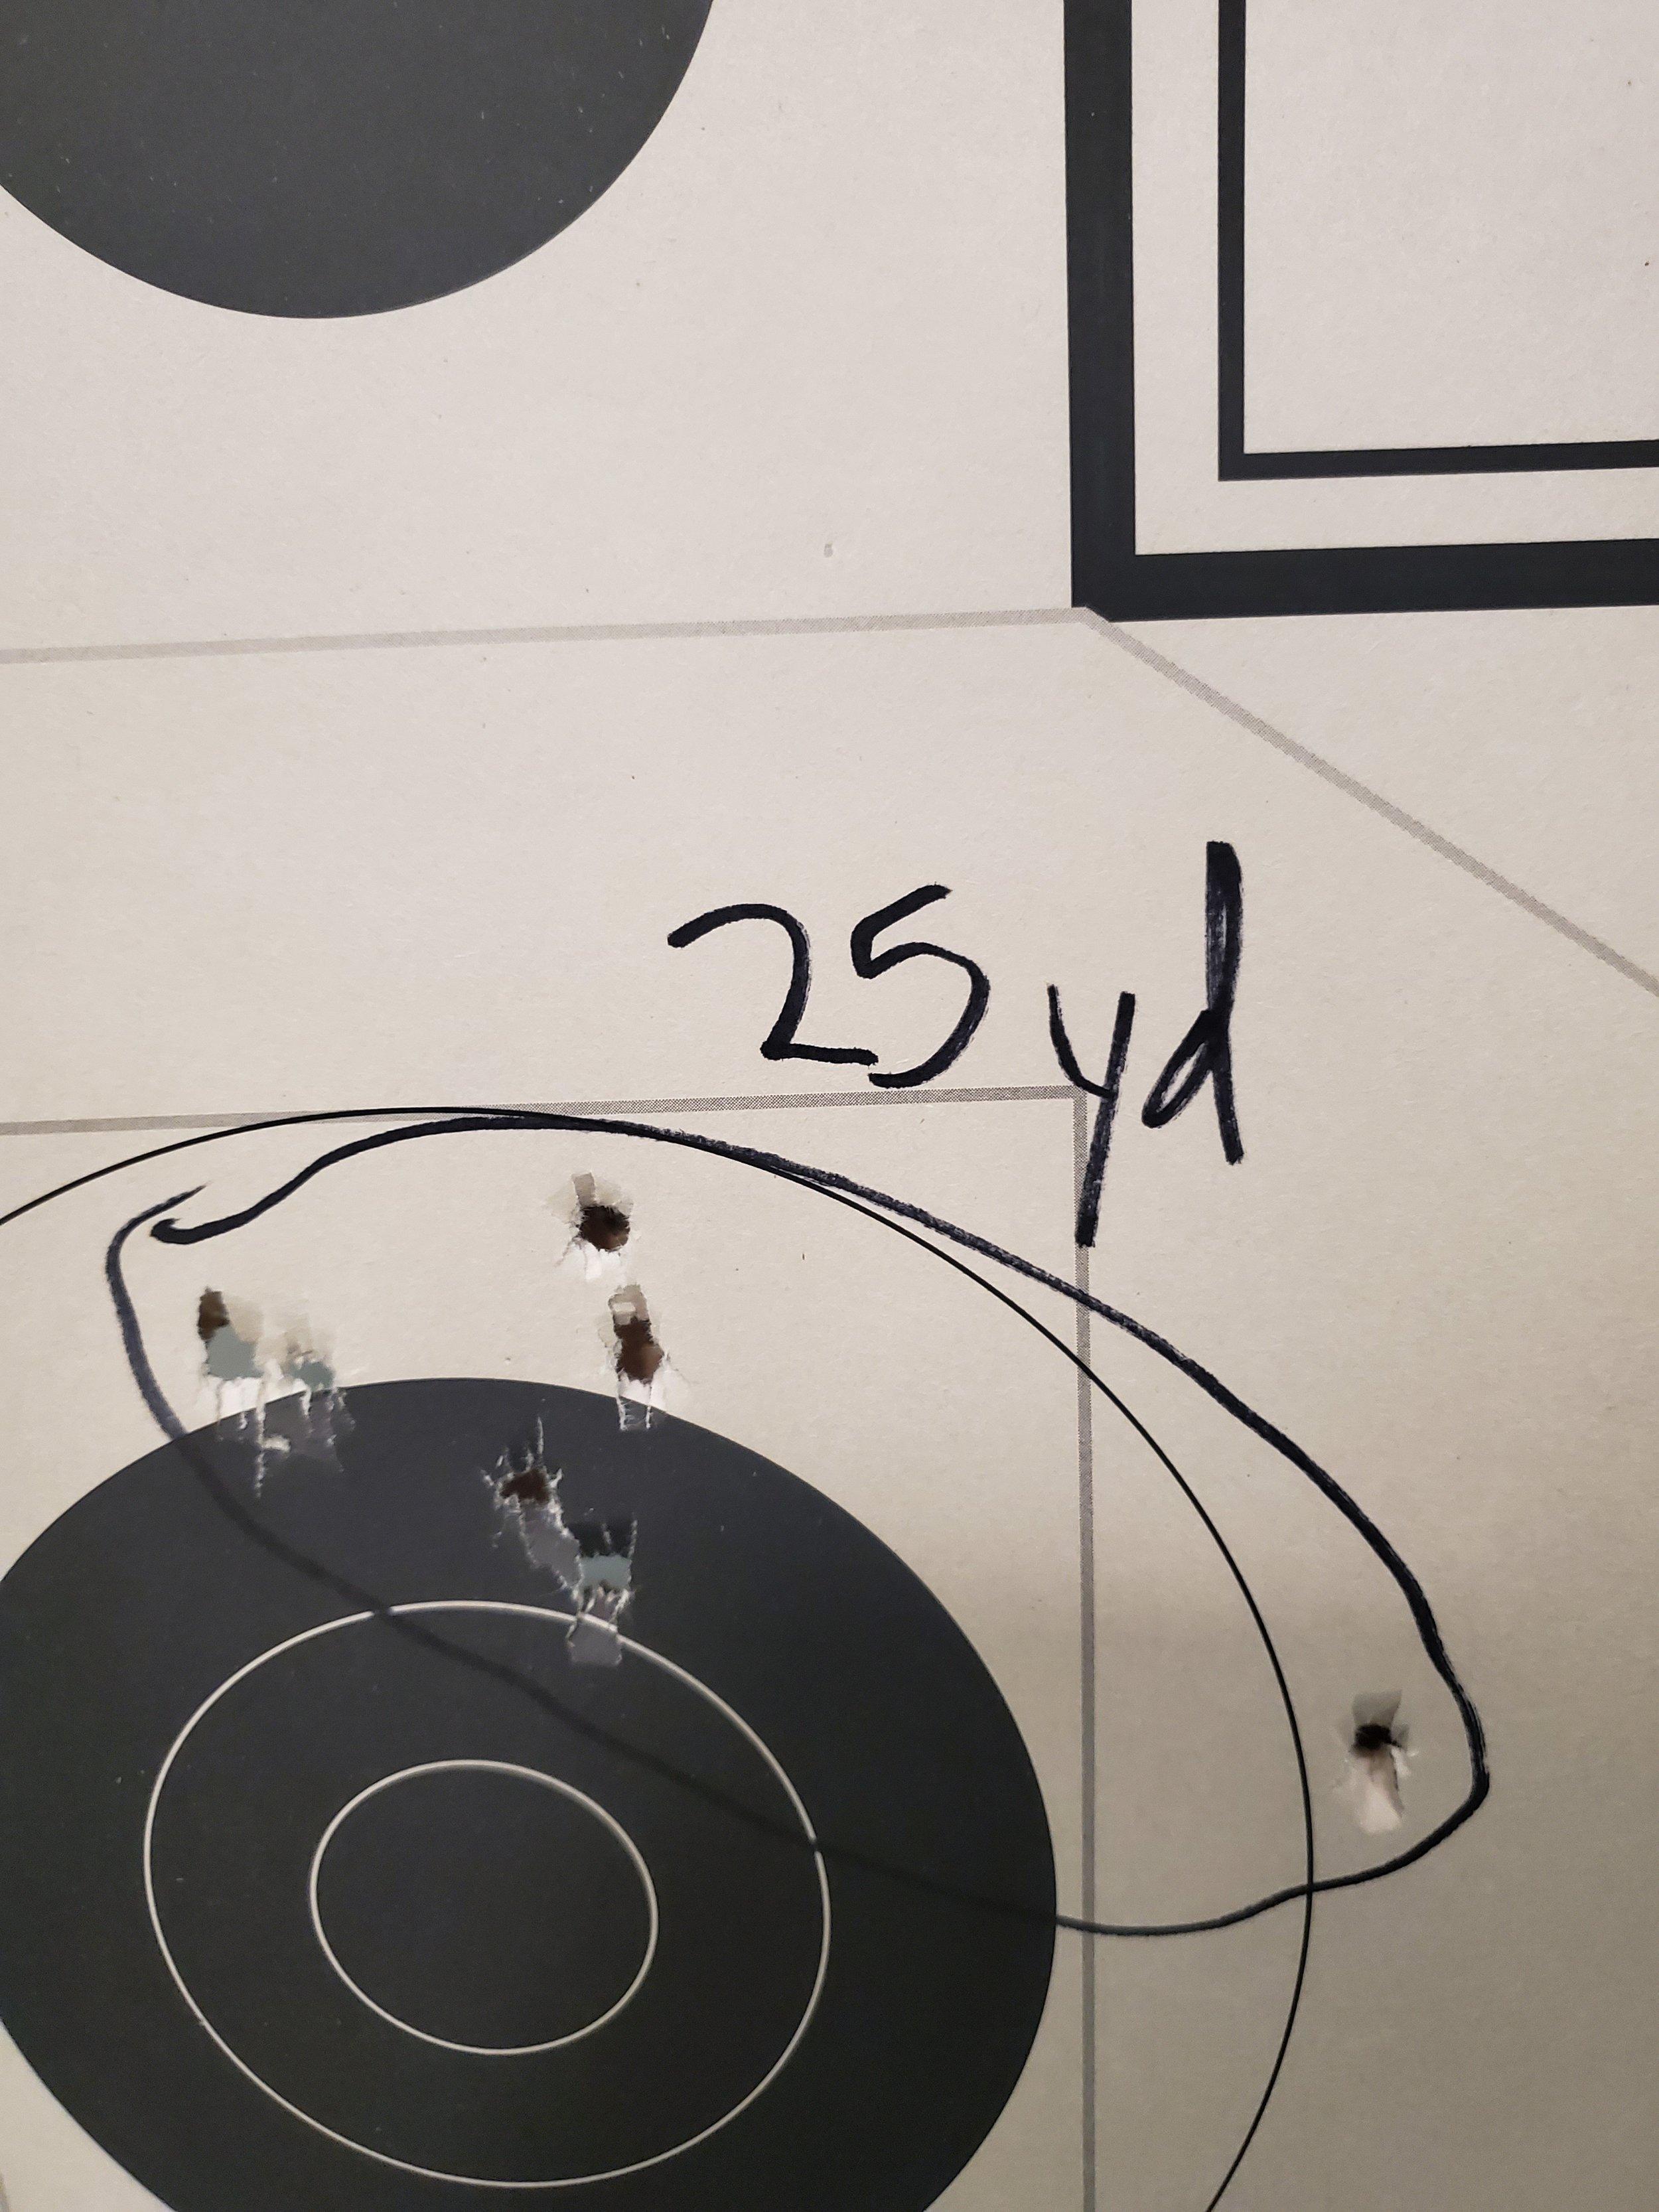 25 yard 8 pellet flite control pattern.jpg